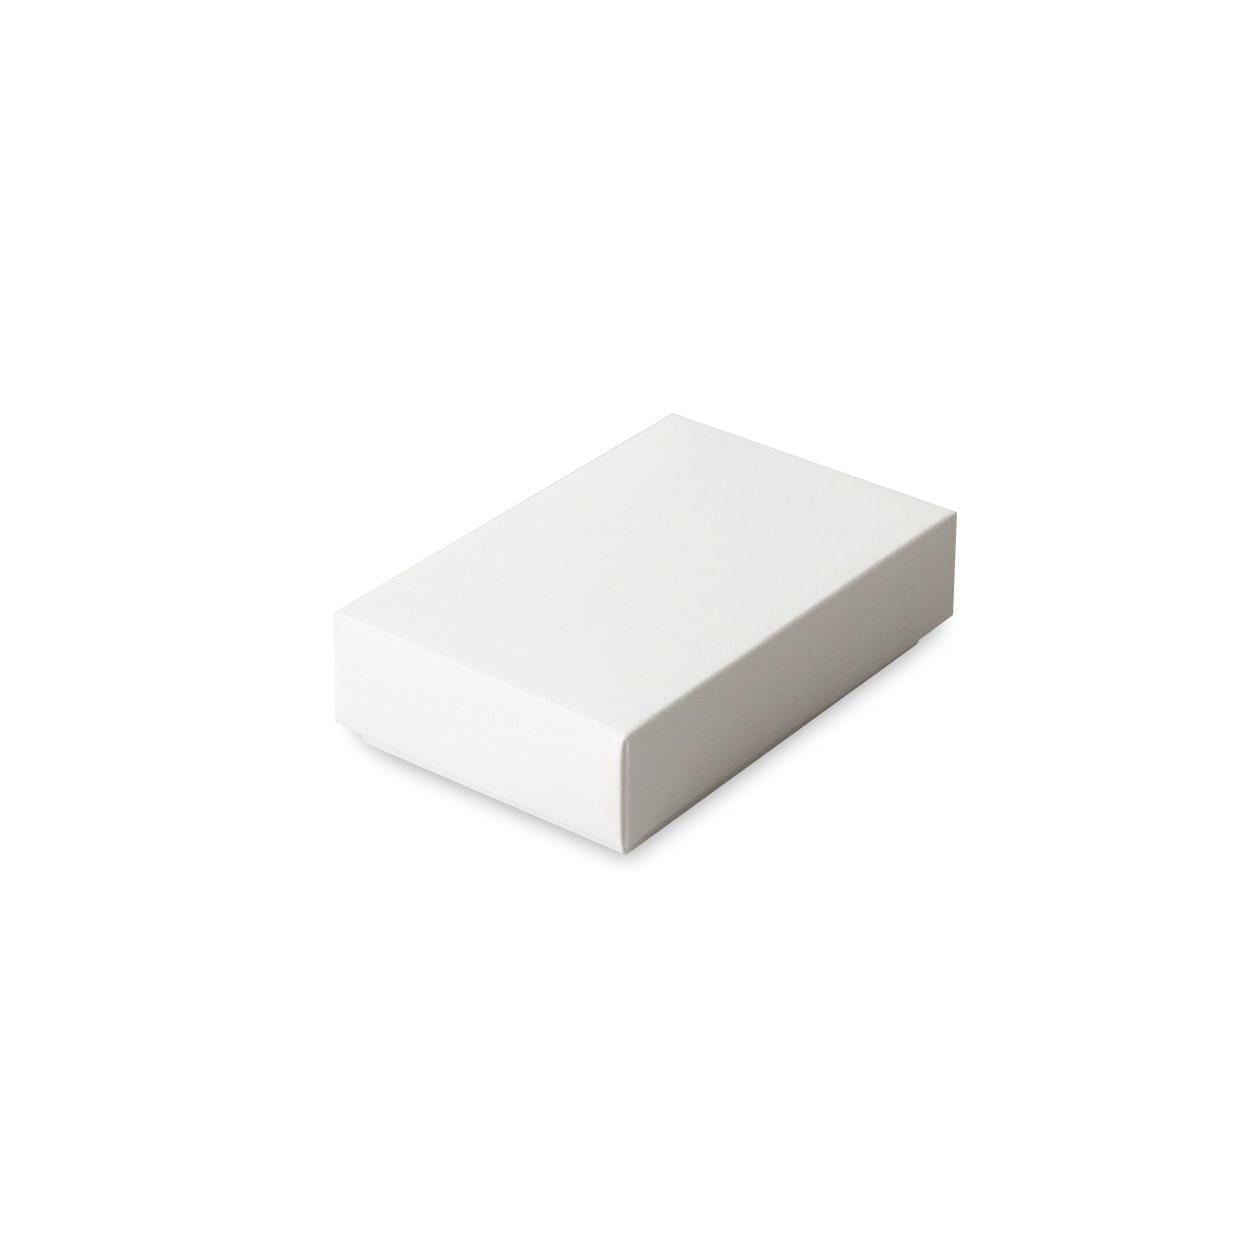 組箱 60×95×25 コットン スノーホワイト 232.8g